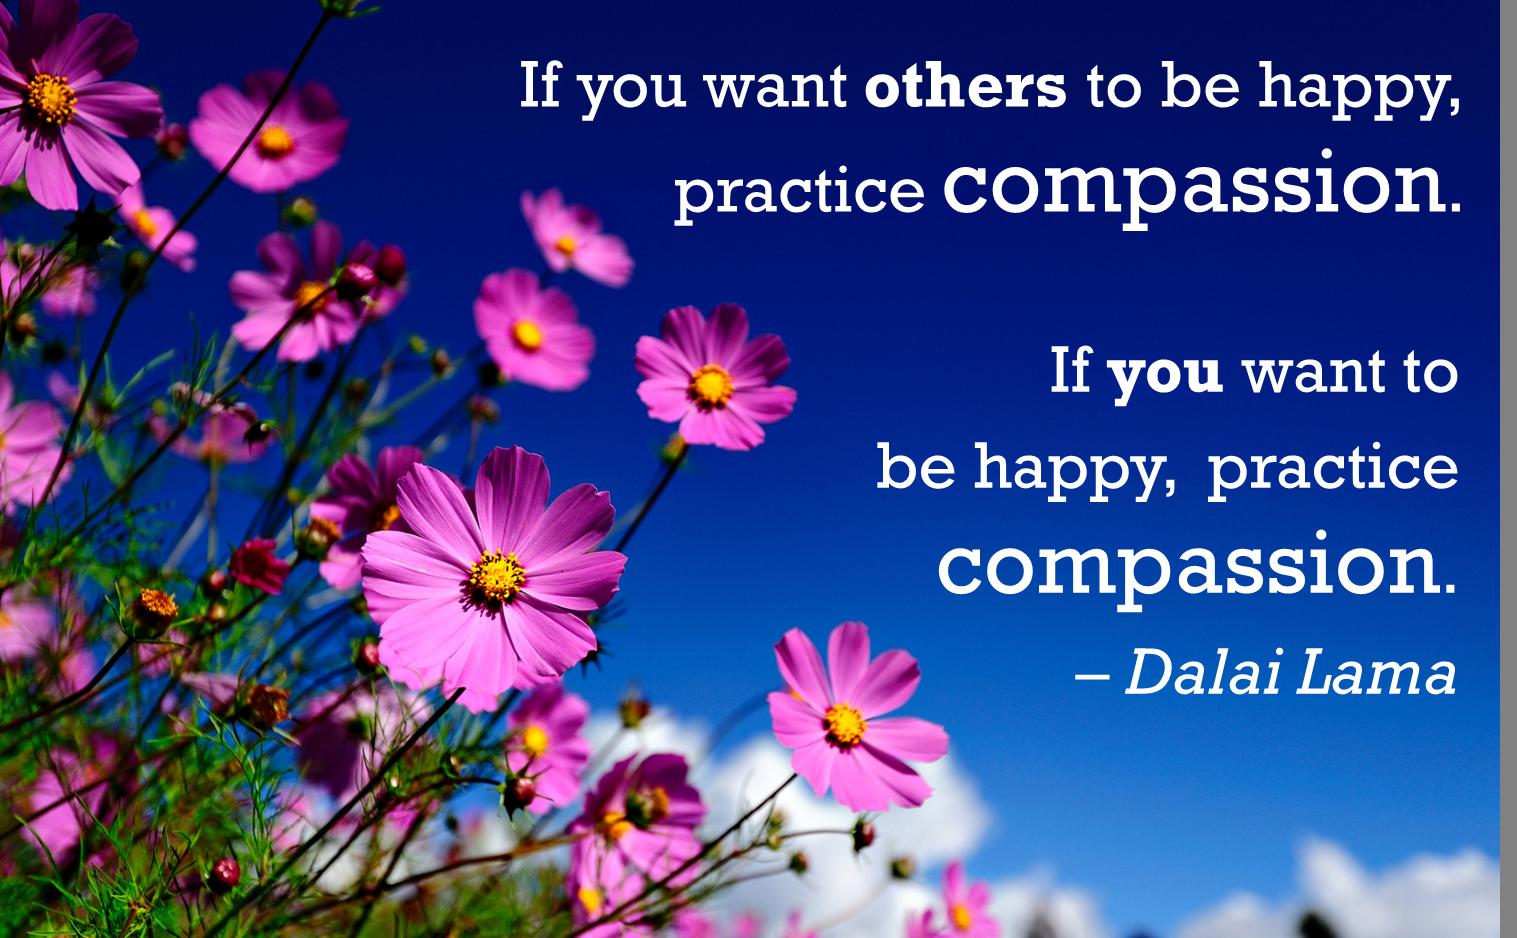 Compassion quote Dalai Lama